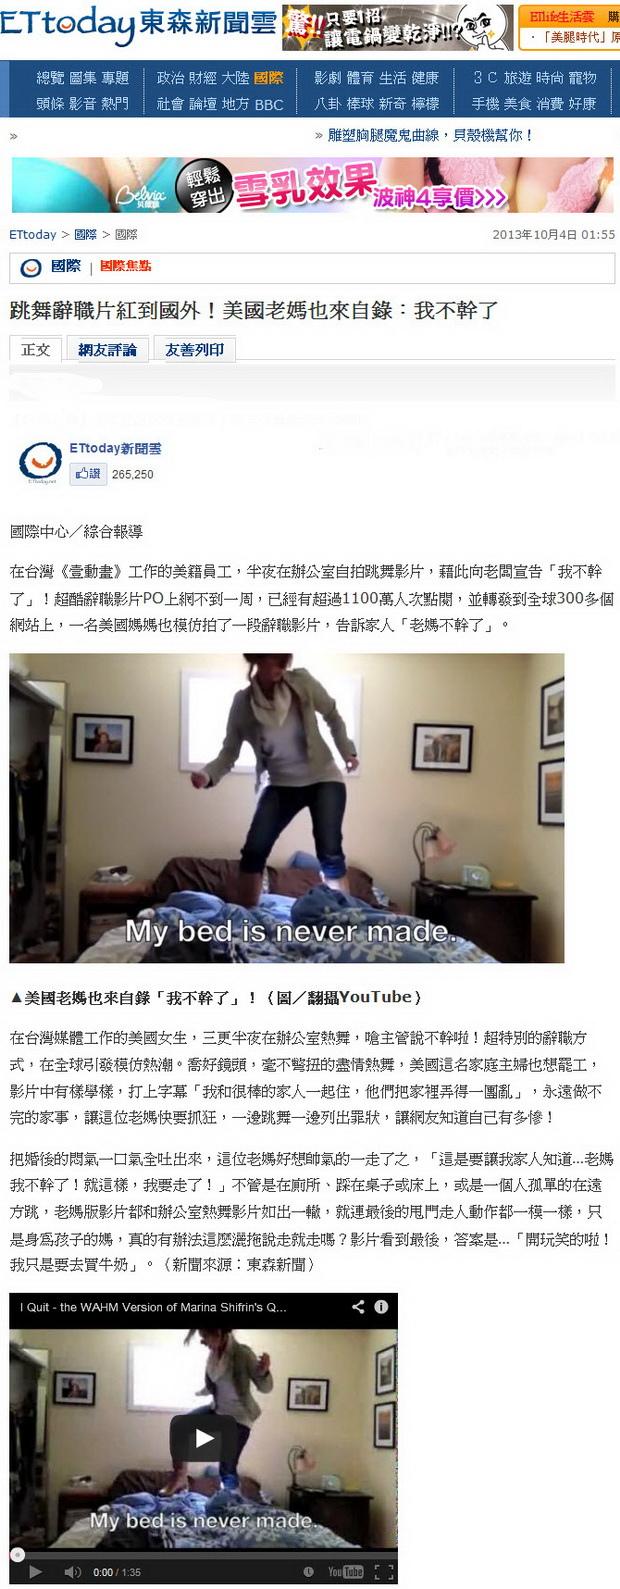 跳舞辭職片紅到國外!美國老媽也來自錄:我不幹了 -2013.10.04.jpg